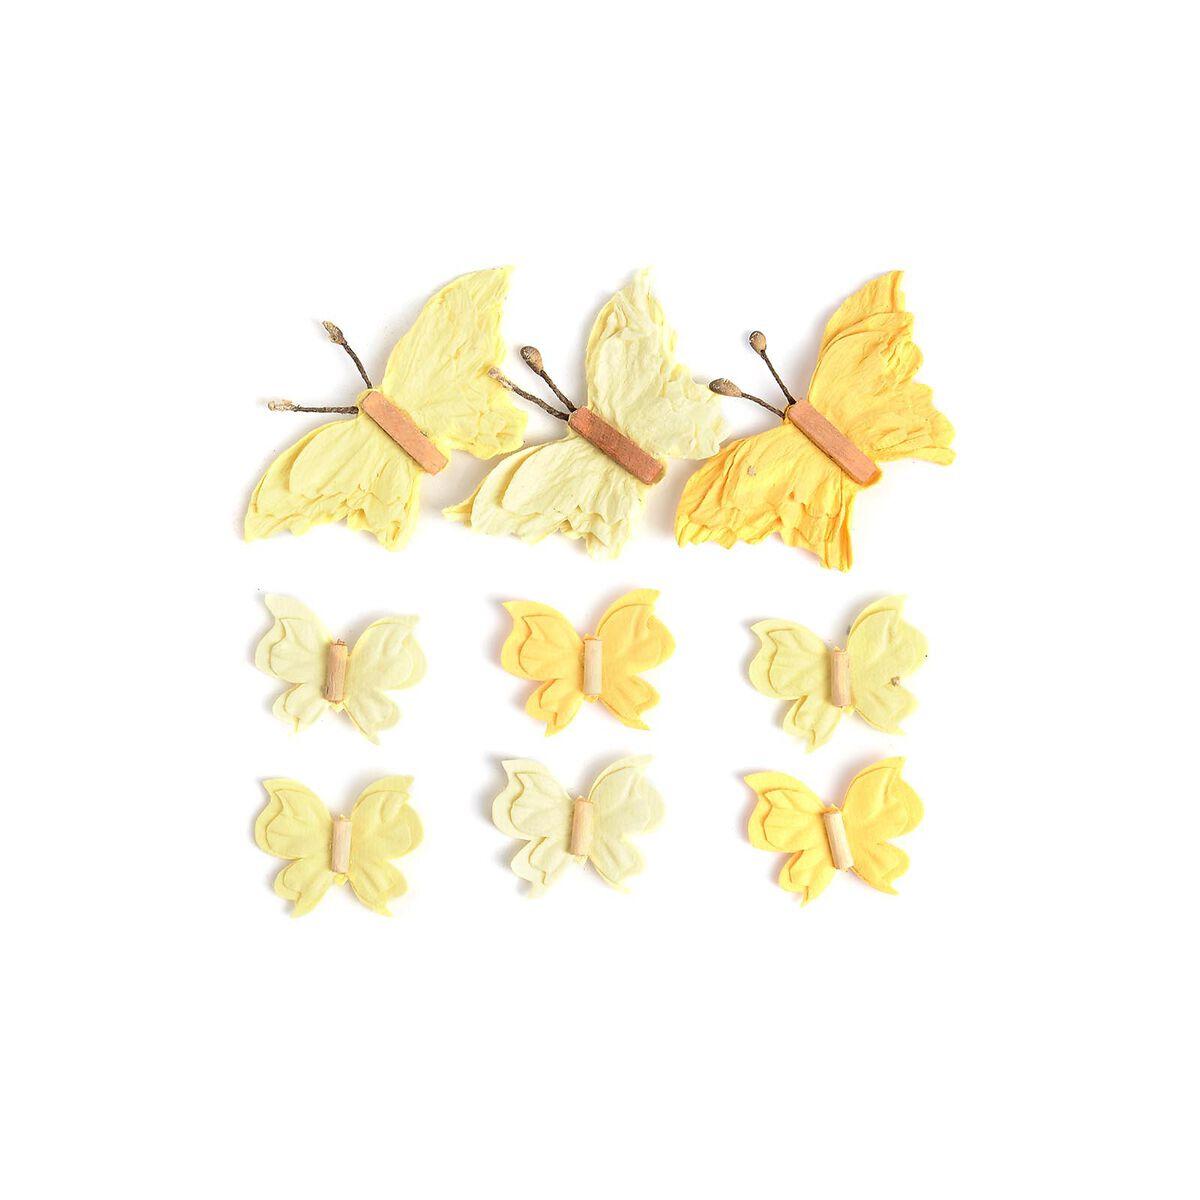 sticker schmetterling 3d 9er set gelb depot de. Black Bedroom Furniture Sets. Home Design Ideas